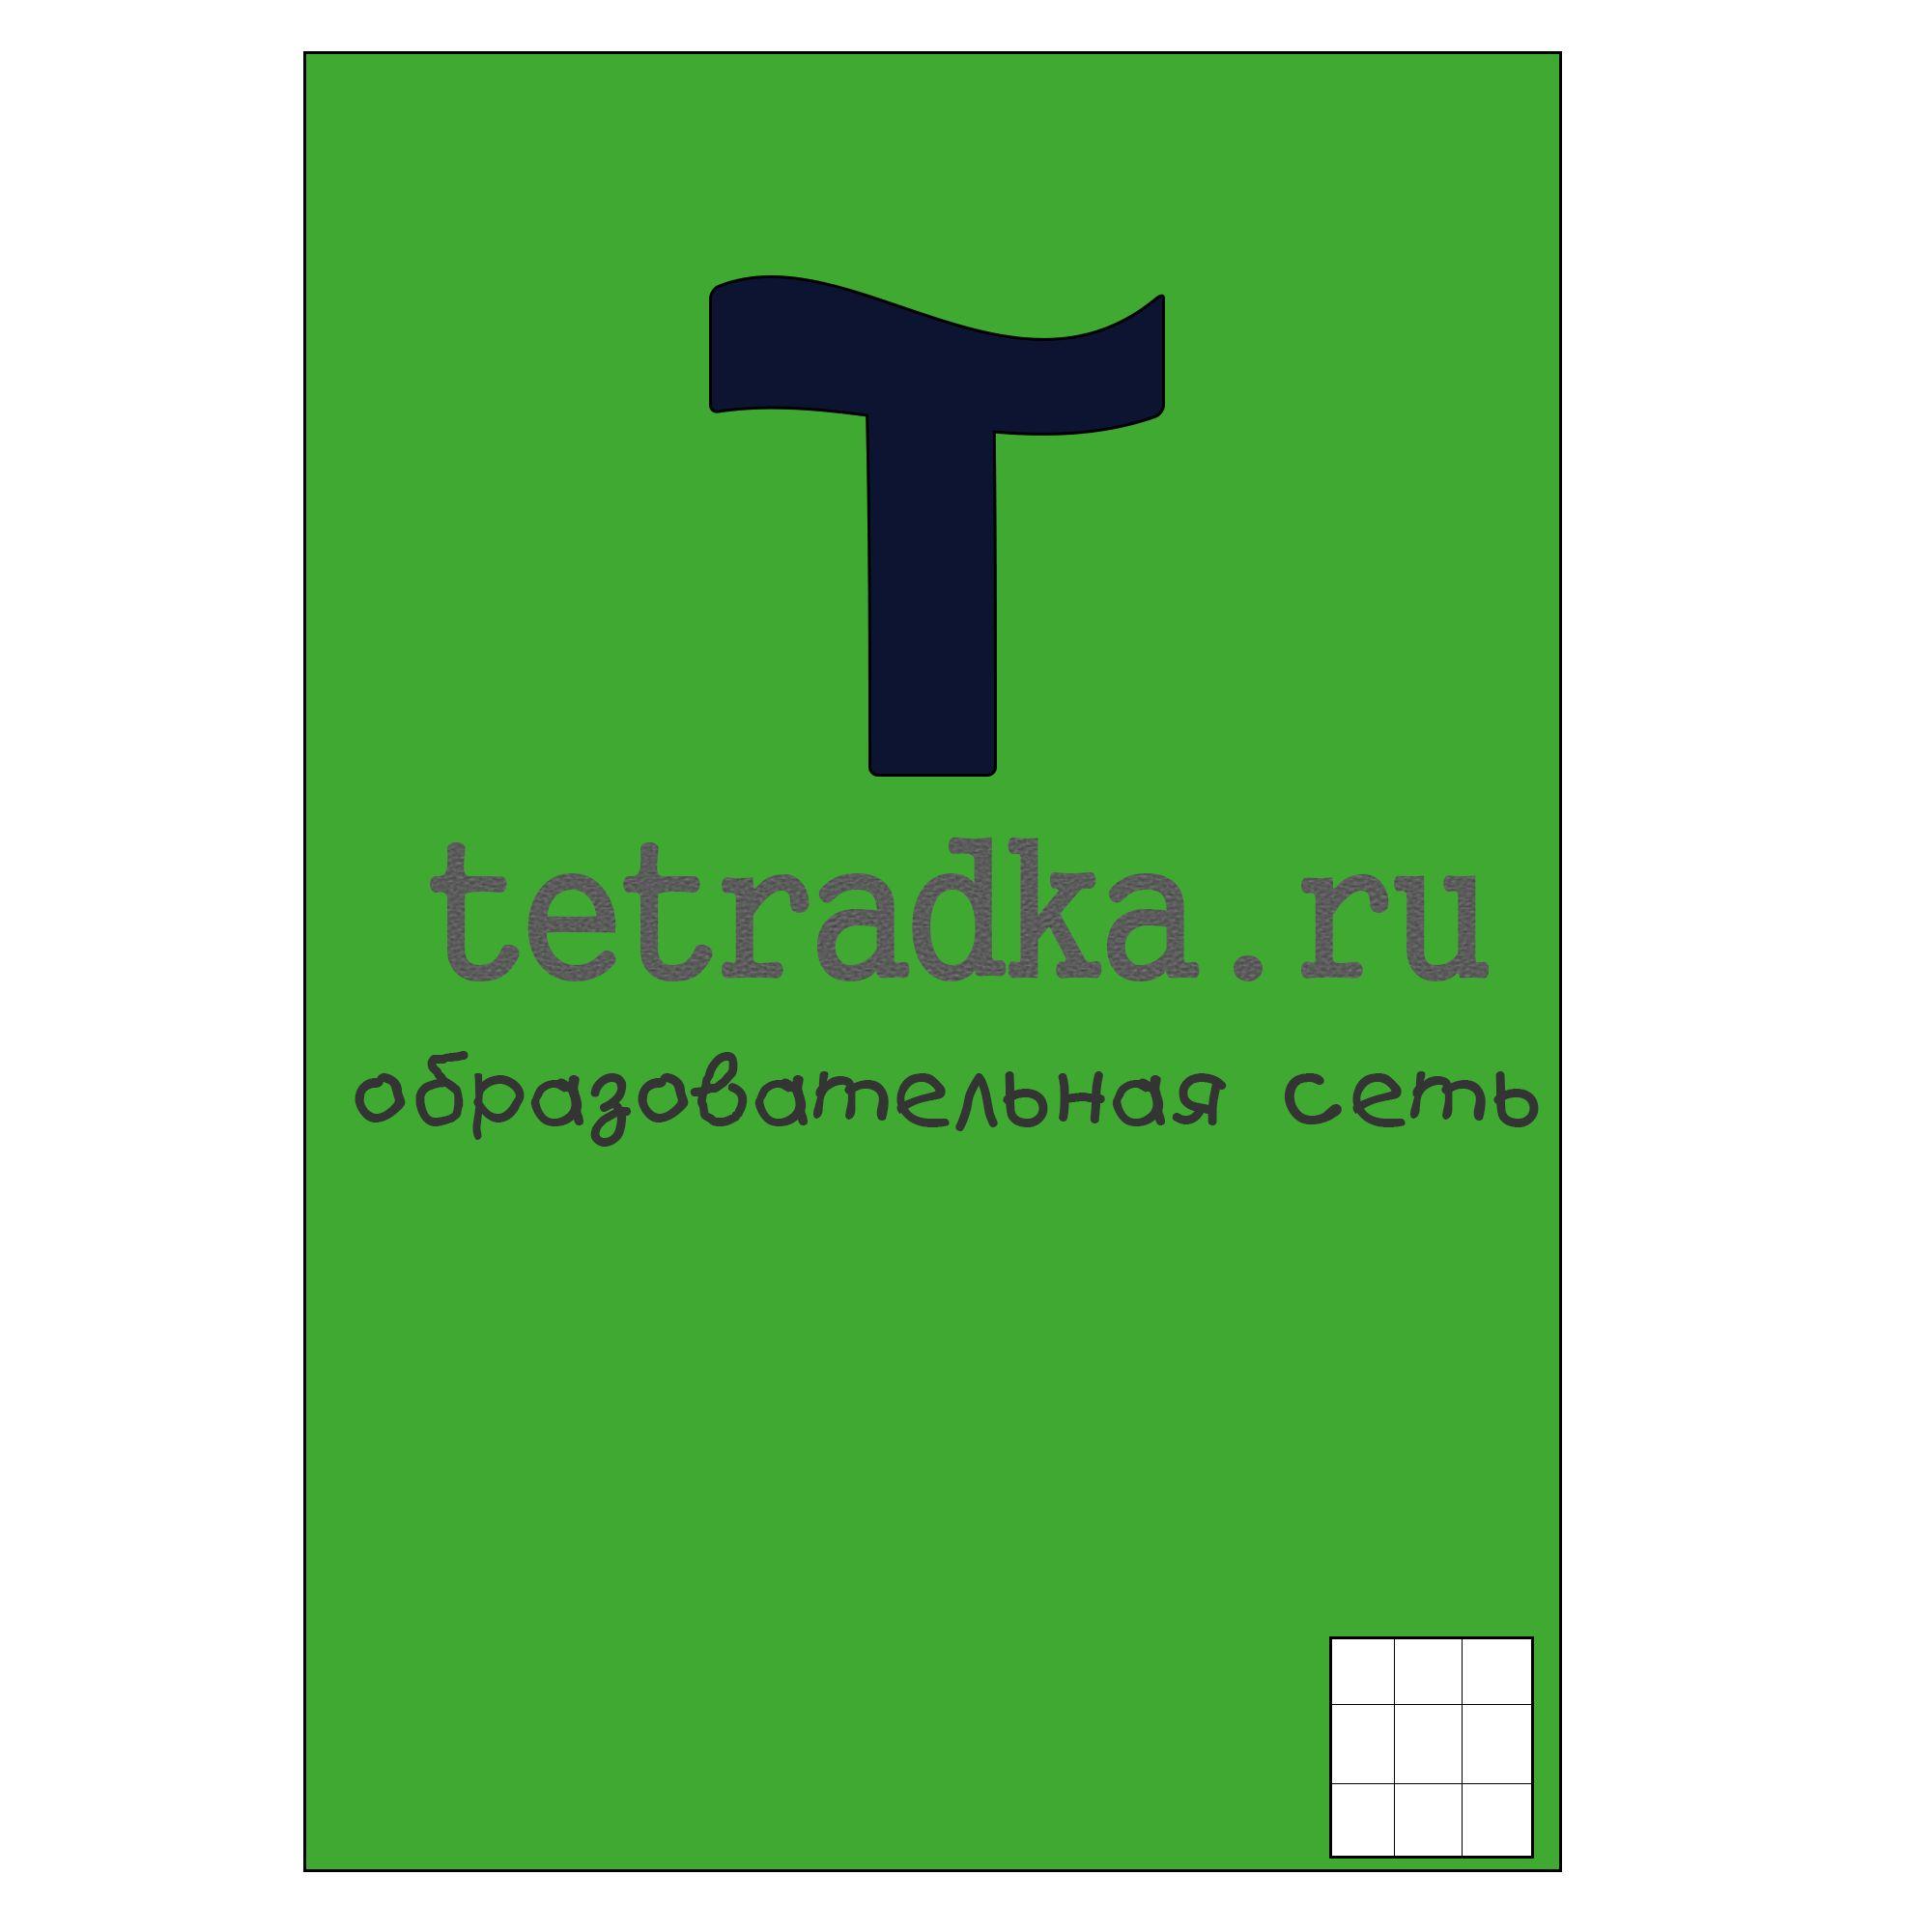 Логотип для образовательной сети tetradka.ru - дизайнер 333qwerty